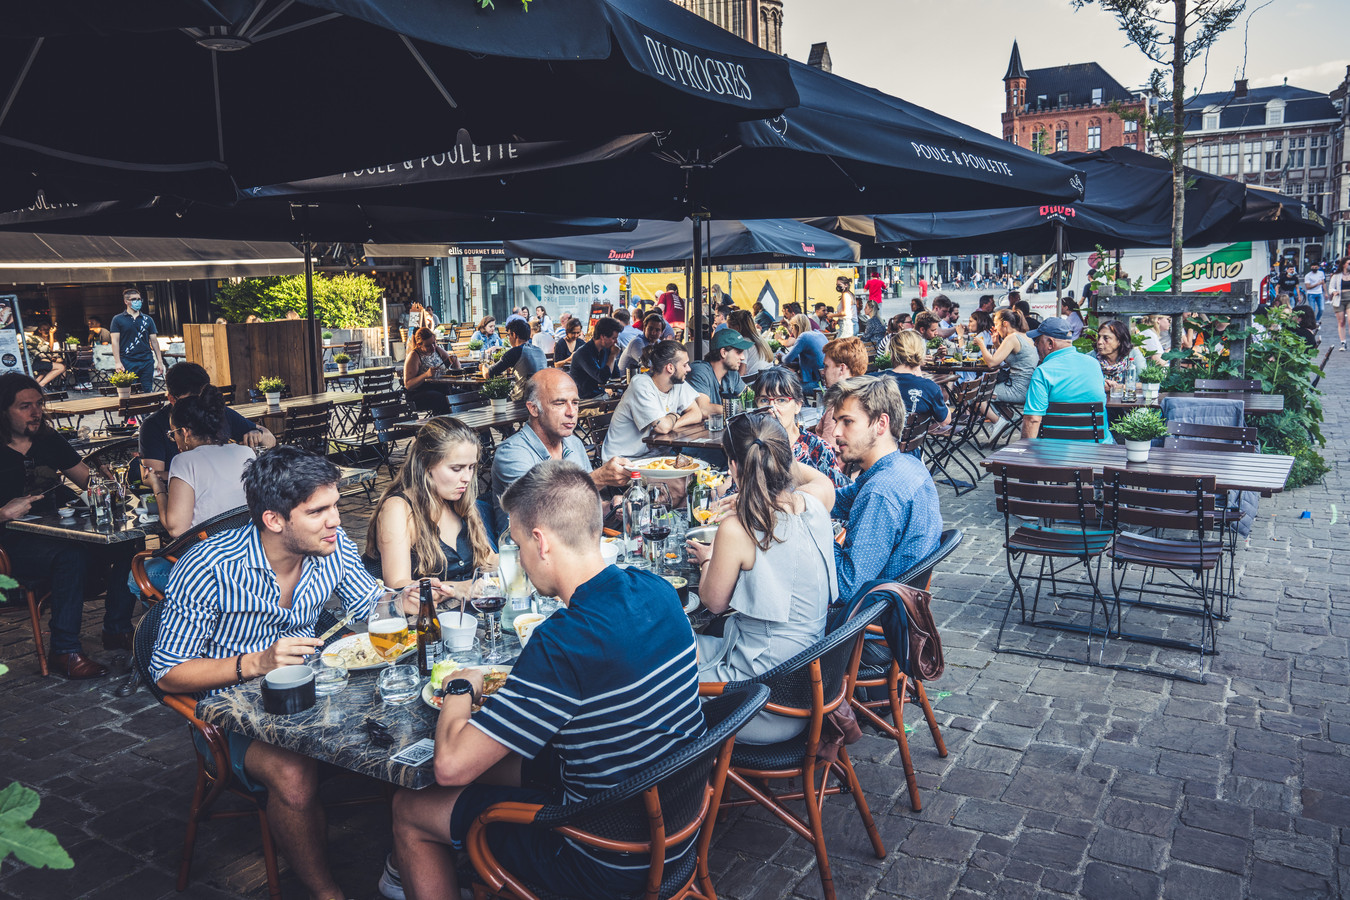 De terrassen in Gent zijngoed gevuld, zoals hier op de Korenmarkt. Binnen in de restaurants zit zo goed als niemand